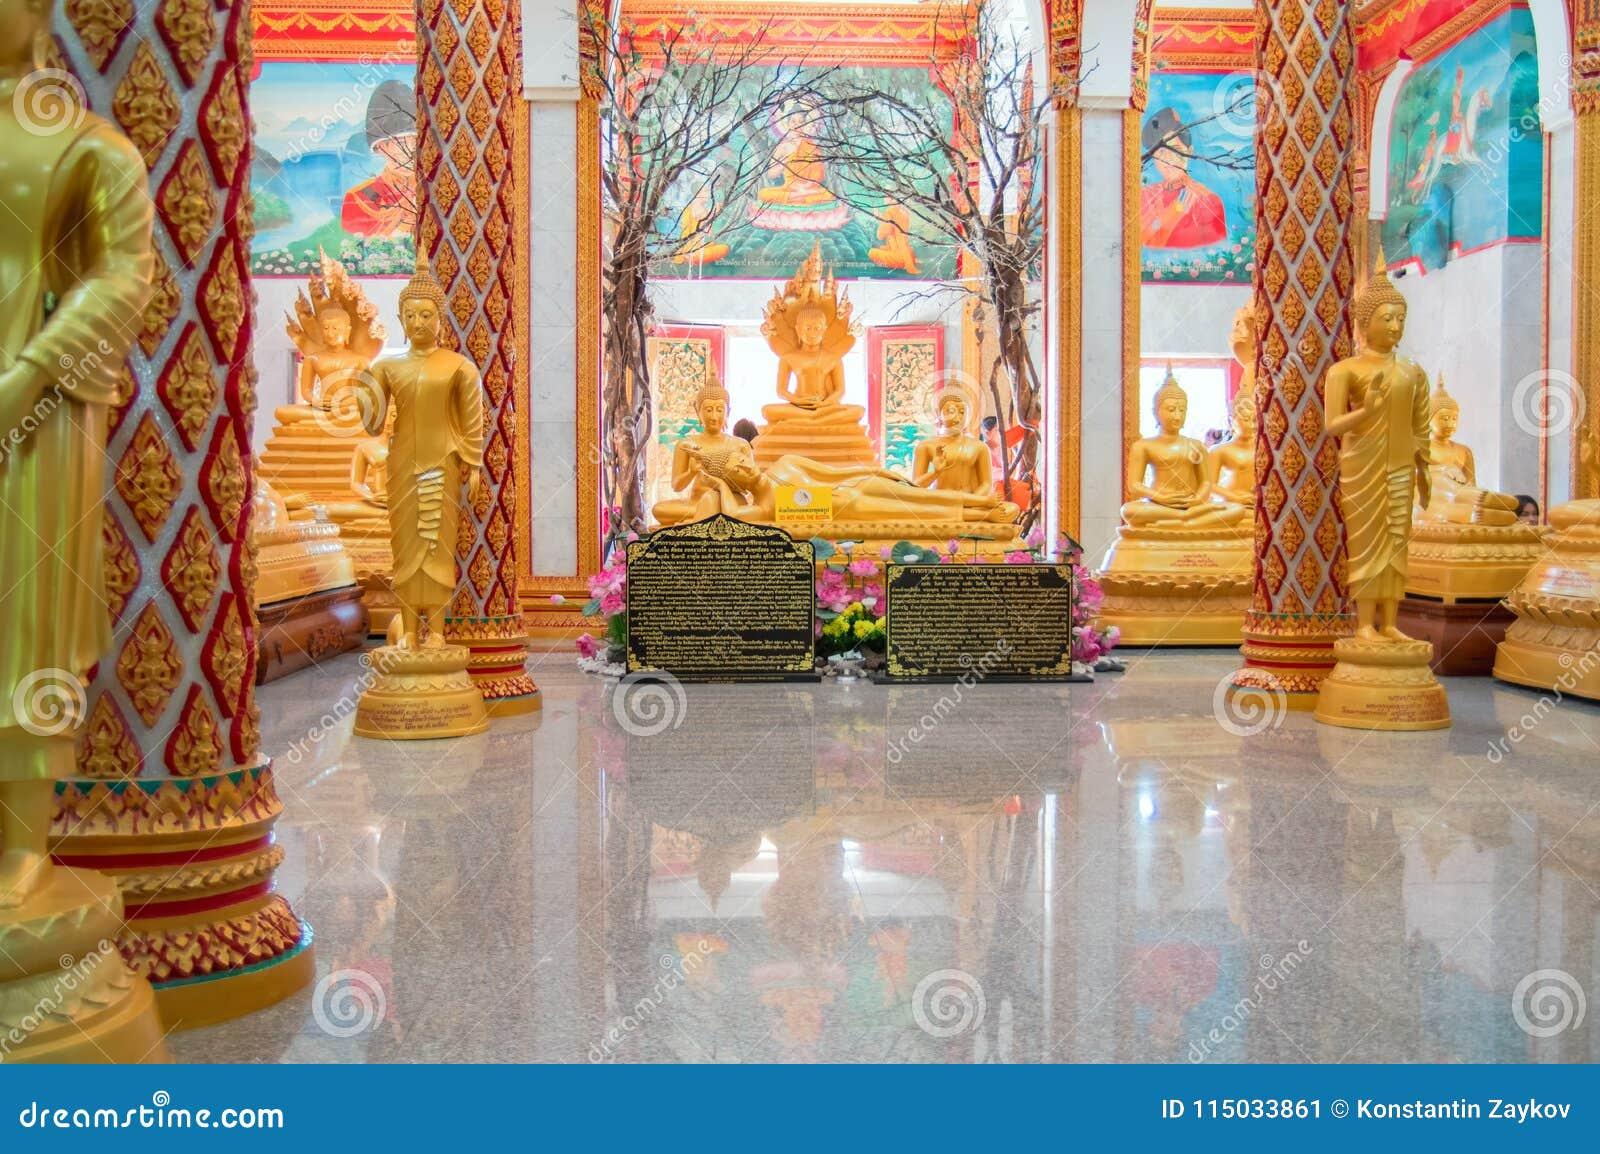 ТАИЛАНД, ПХУКЕТ 22-ое марта 2018 - главная пагода буддийского виска Chalong Wat Chayyatararam Wat Диаграммы воска золота монахов